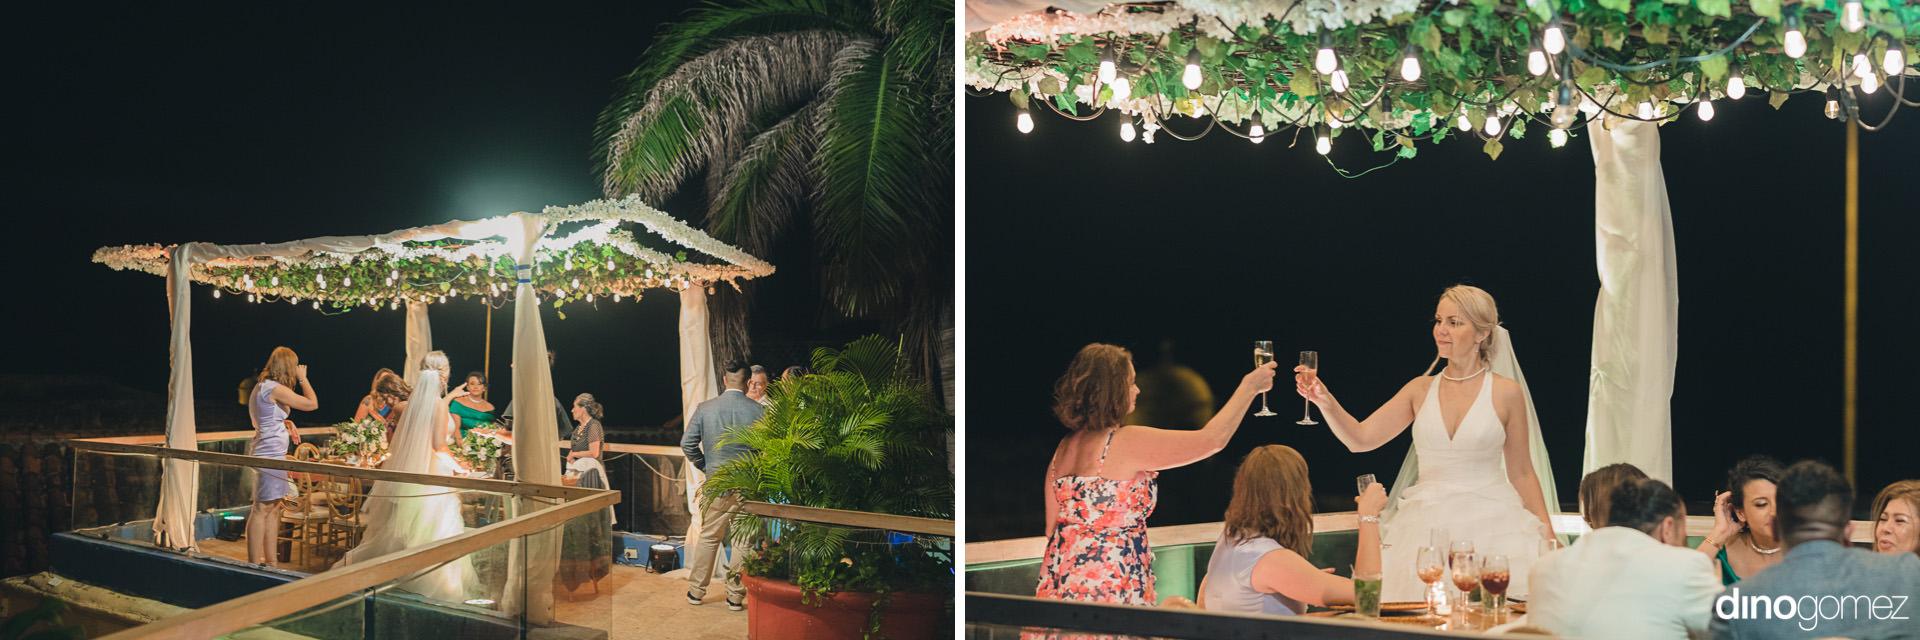 Book Your 2020 Destination Wedding In Cartagena Colombia